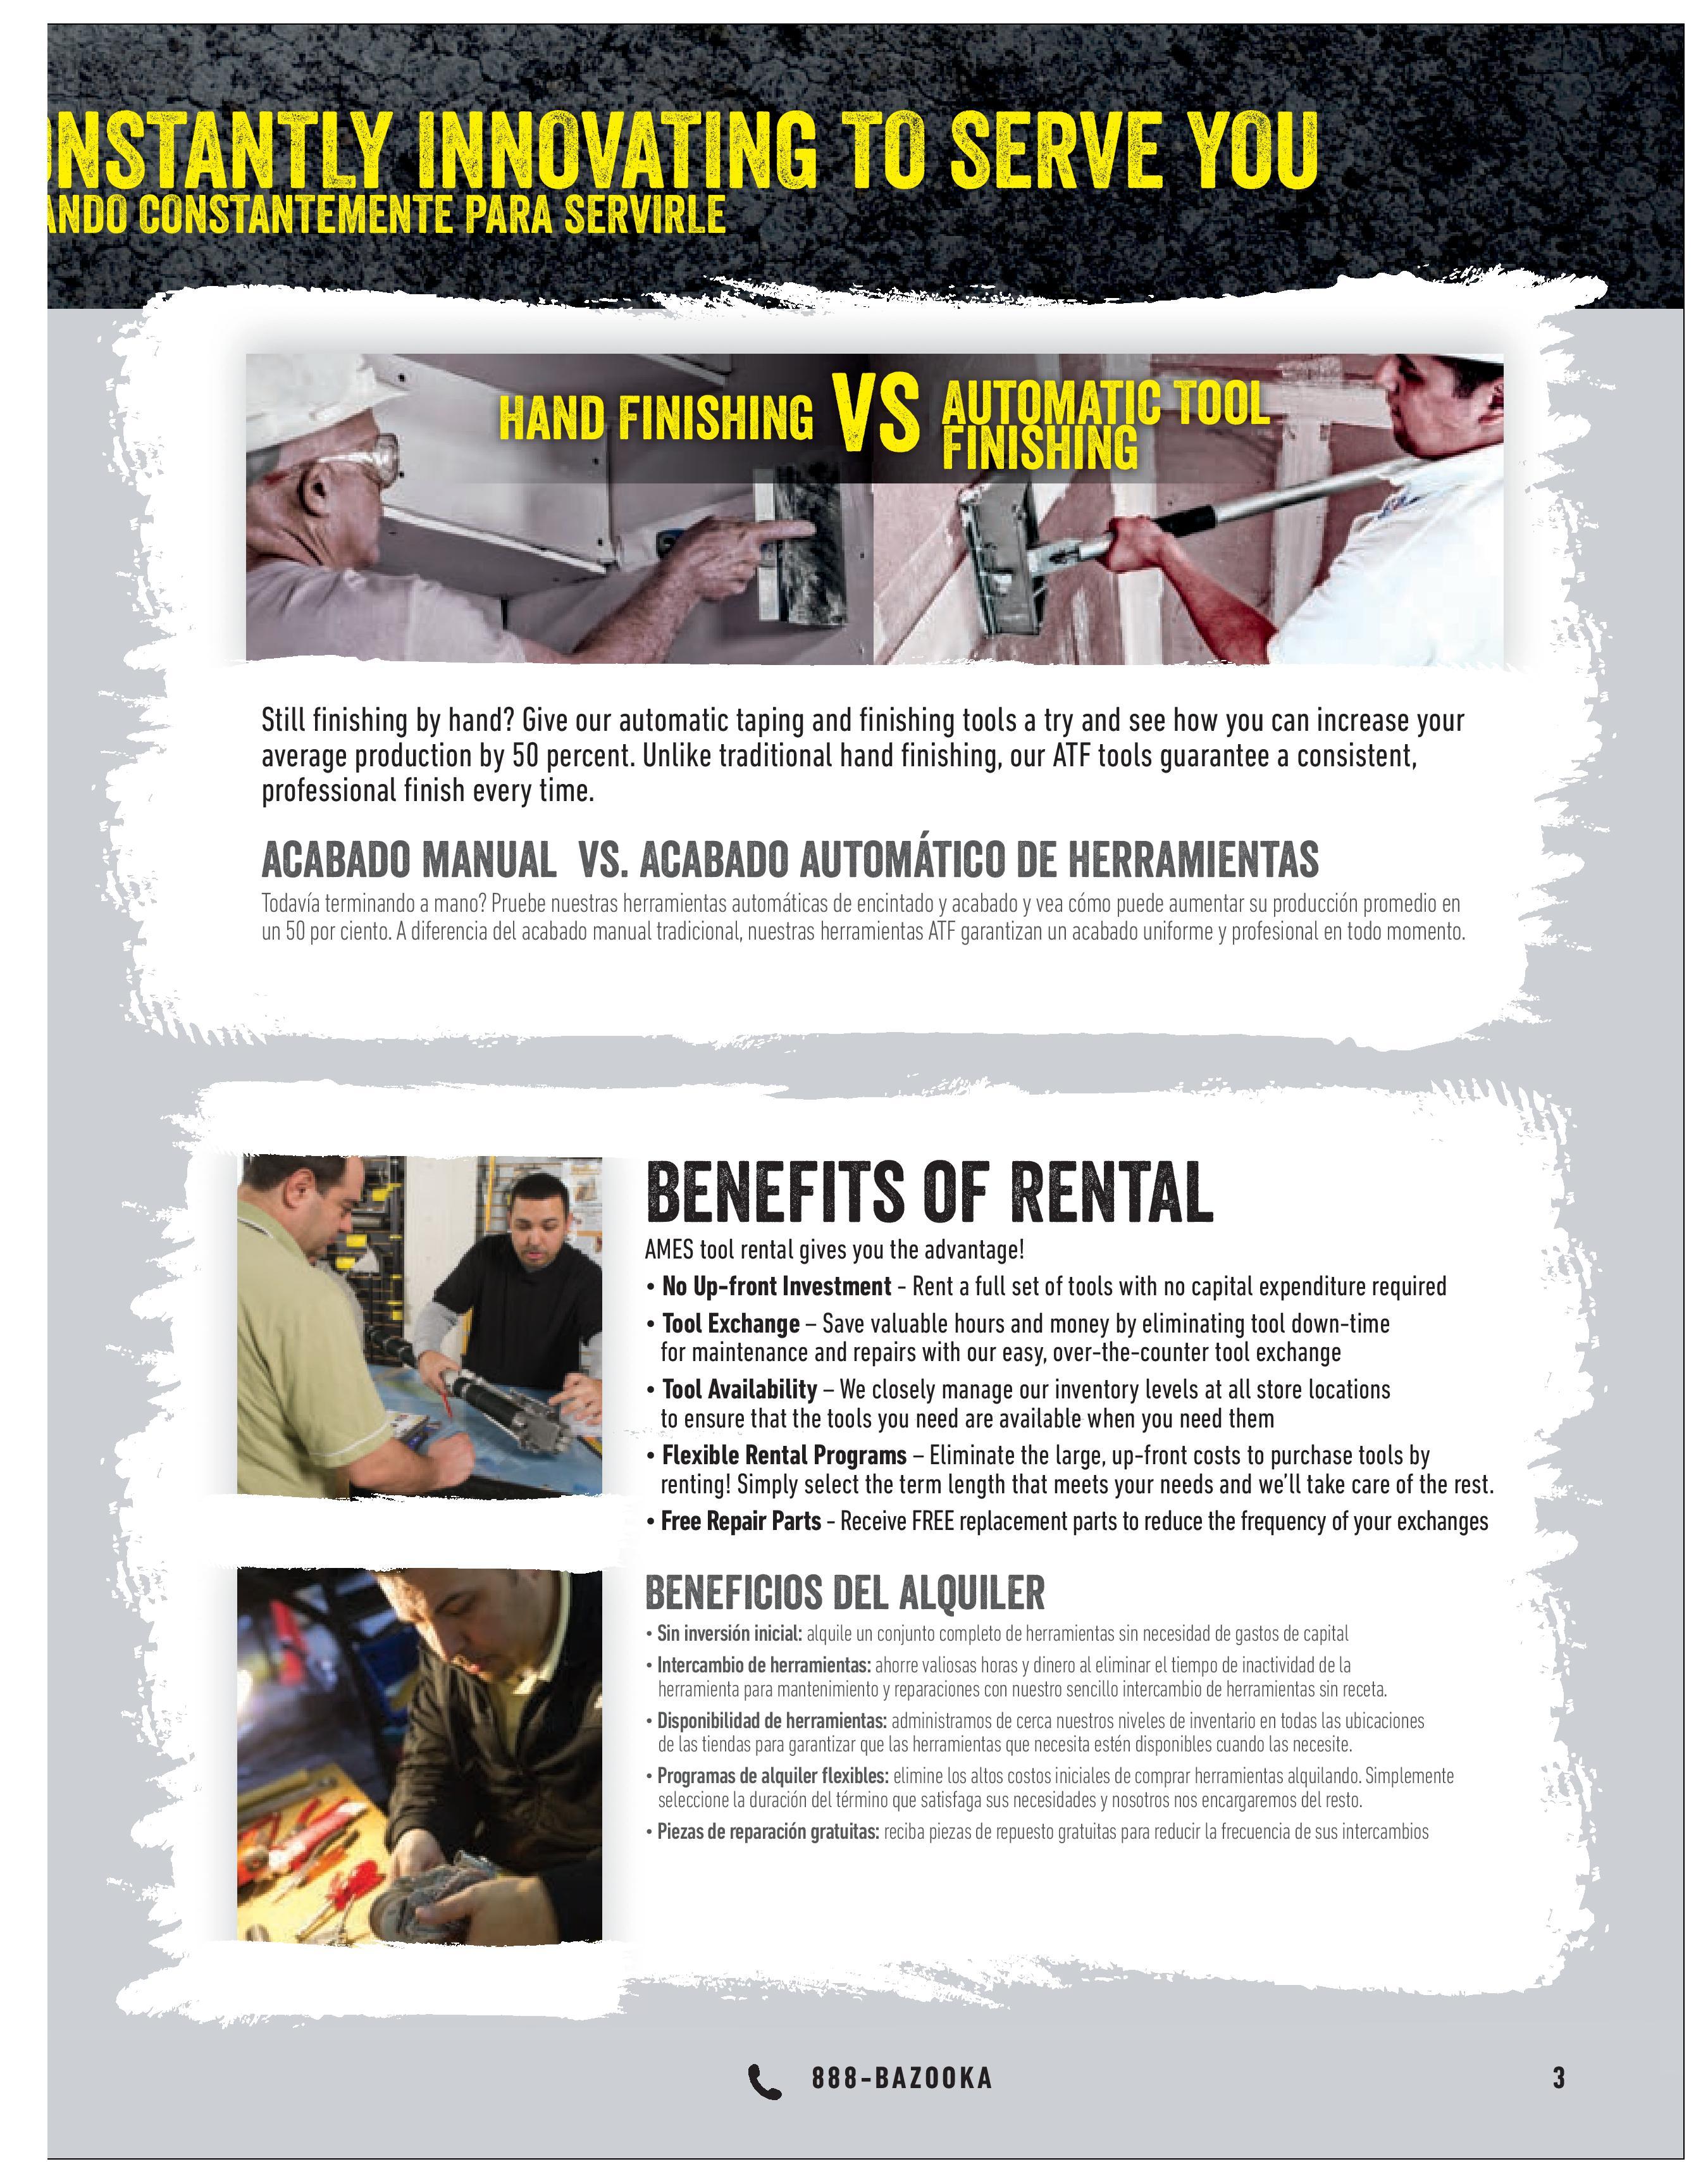 AMES Rental Tool Catalog-ames_catalog_web-page-003.jpg